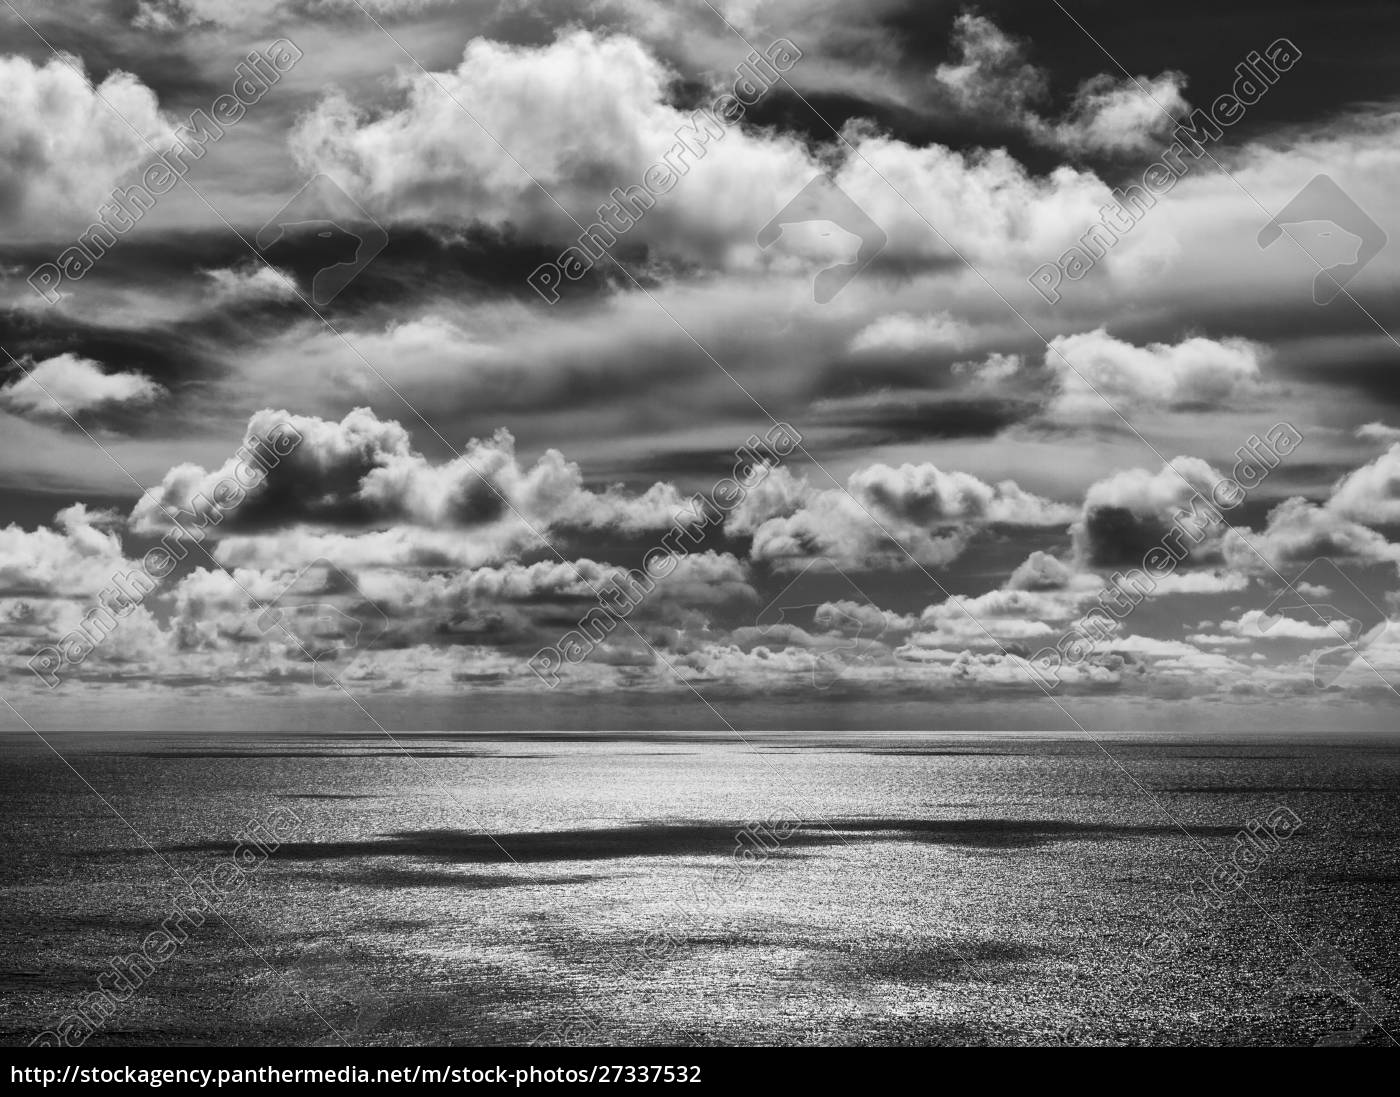 stany, zjednoczone, kalifornia, la, jolla, przybrzeżne, chmury, na, pacyfiku - 27337532